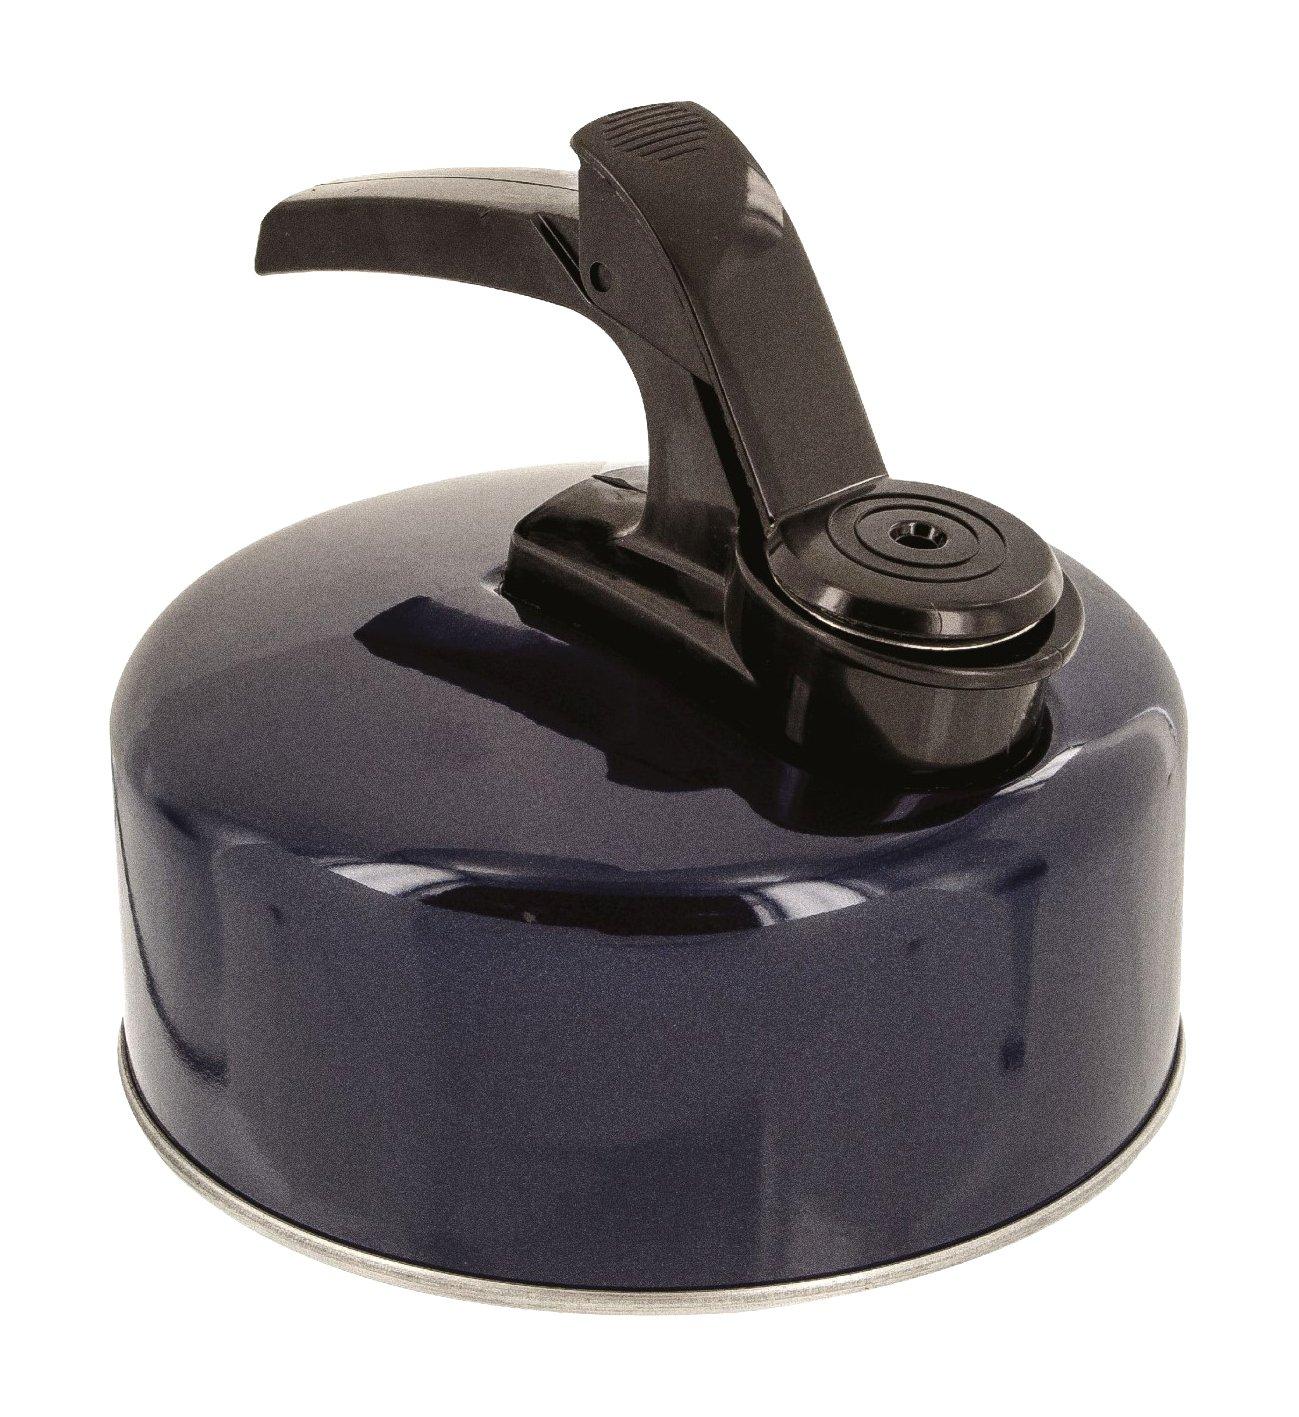 Highlander Wasserkessel mit Pfeife CP093-DNV-01 Blau